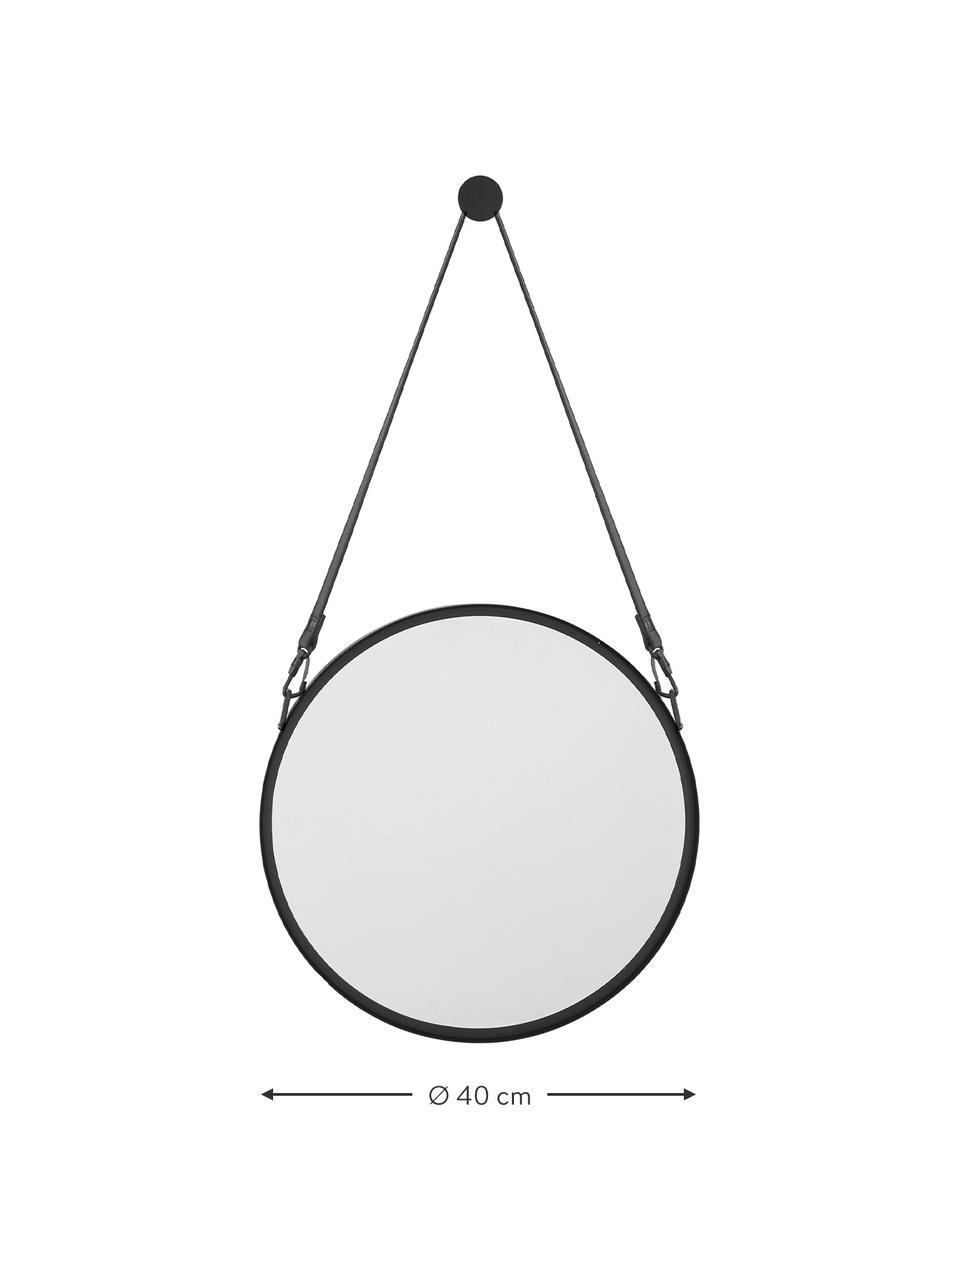 Runder Wandspiegel Liz mit schwarzer Lederschlaufe, Spiegelfläche: Spiegelglas, Rückseite: Mitteldichte Holzfaserpla, Schwarz, Ø 55 cm